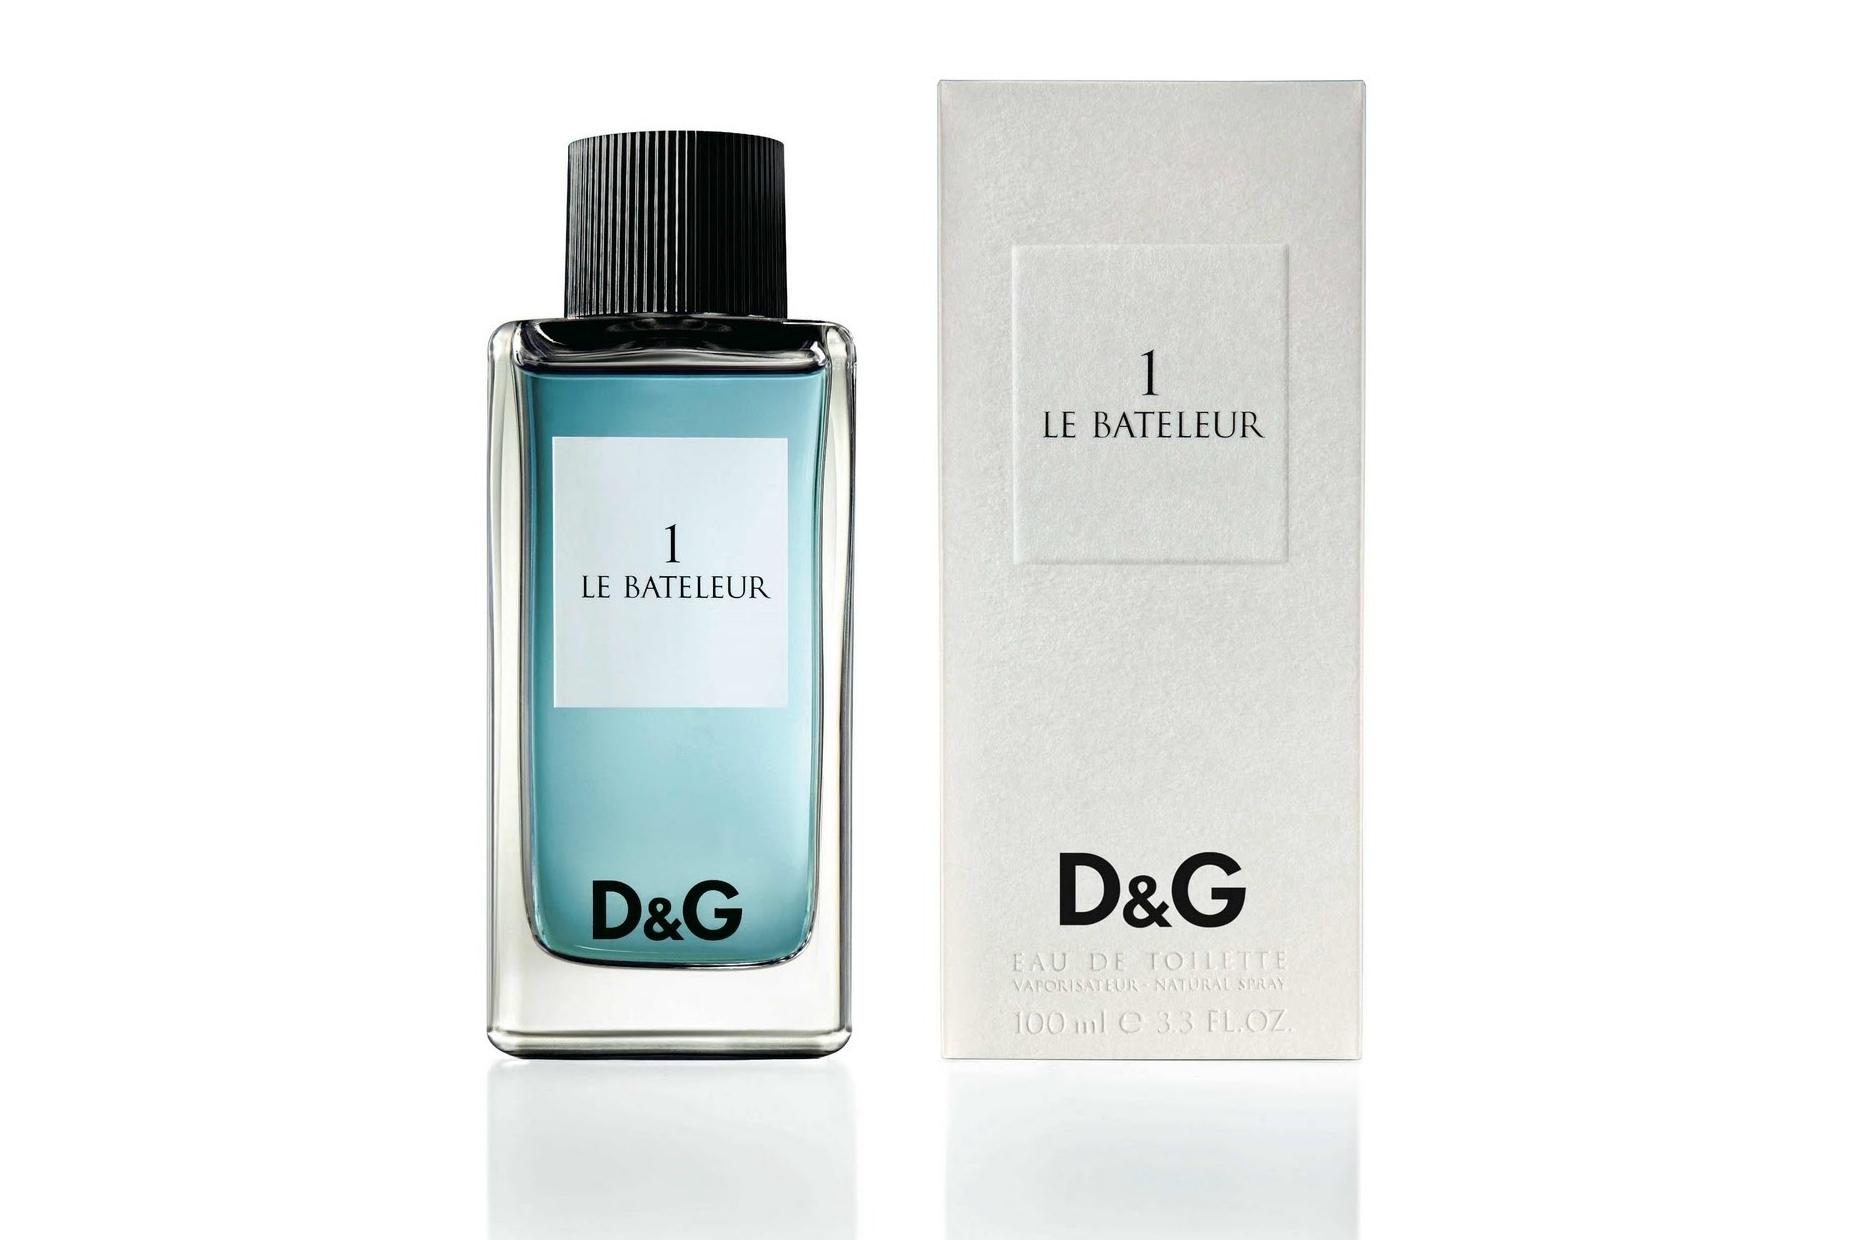 Дольче Габбана 1 Le Bateleur - один из самых популярных ароматов